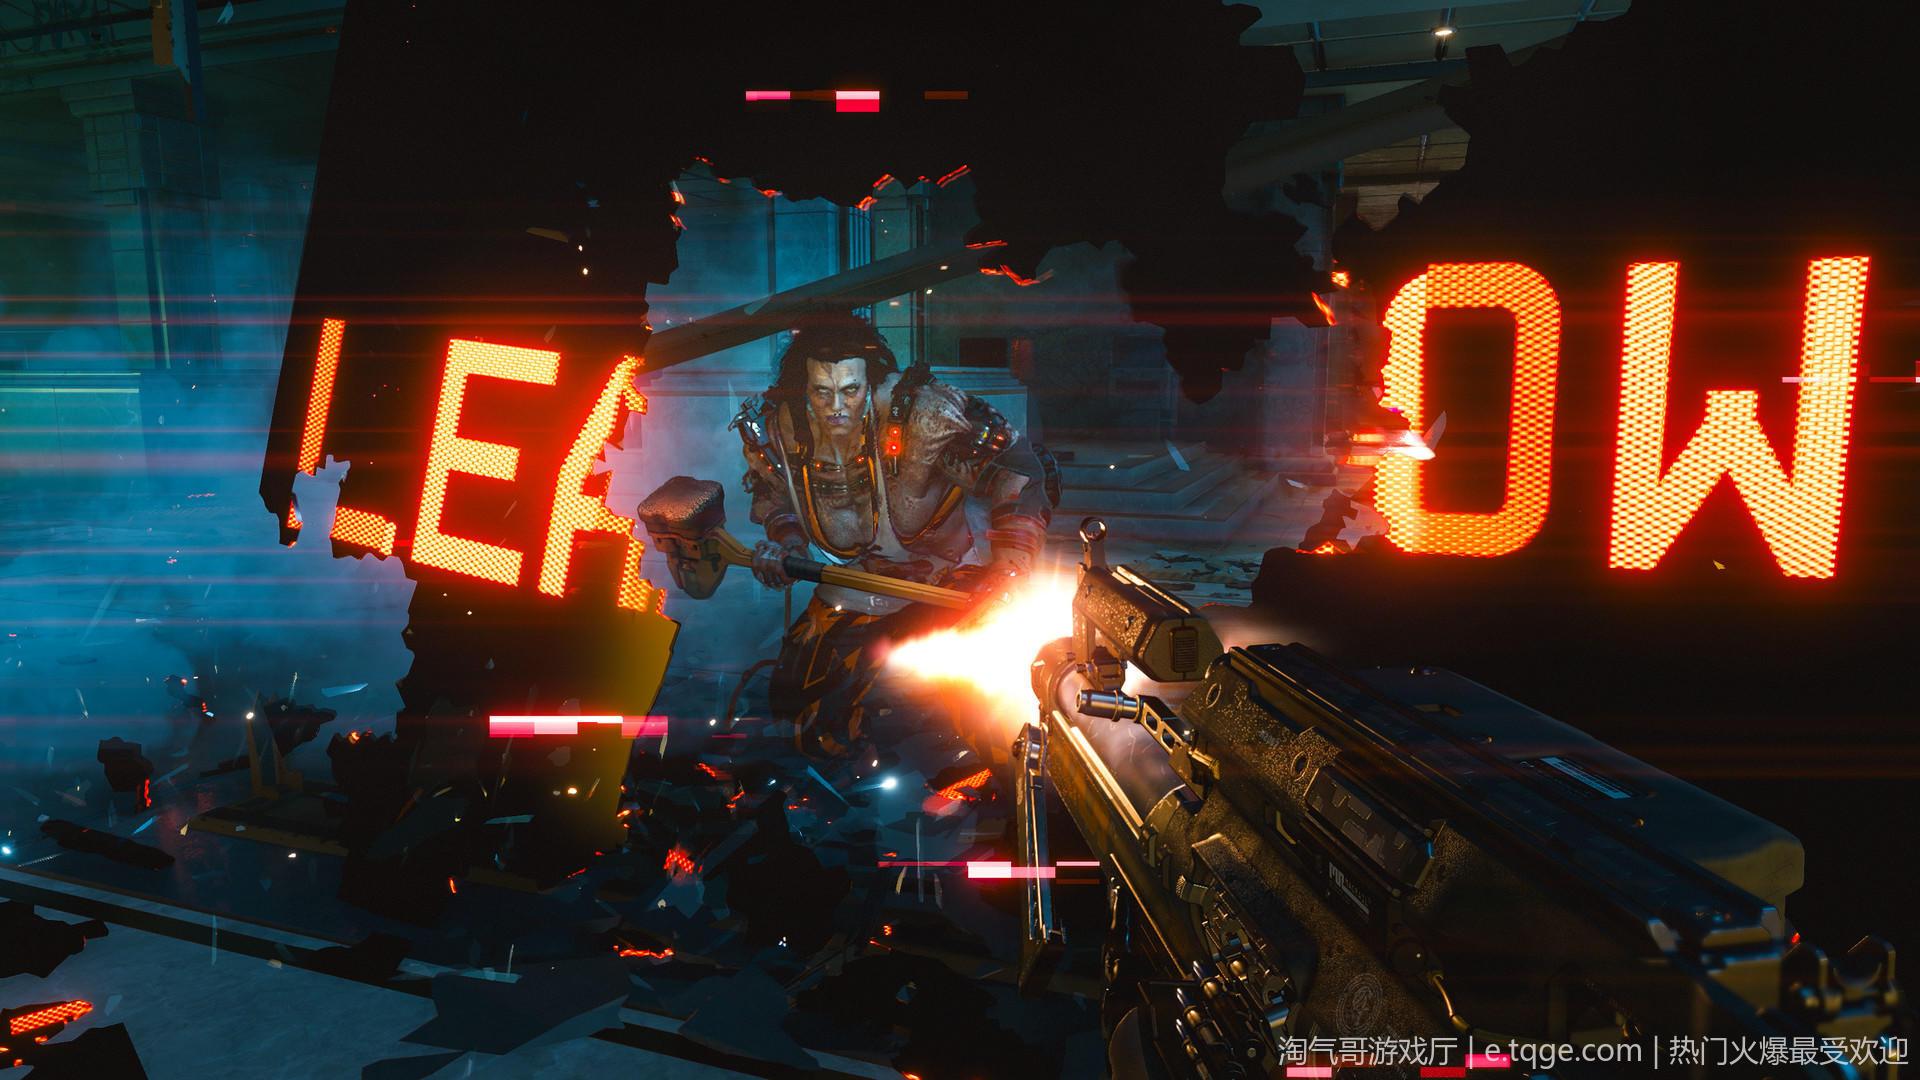 赛博朋克2077/Cyberpunk2077 动作冒险 第4张